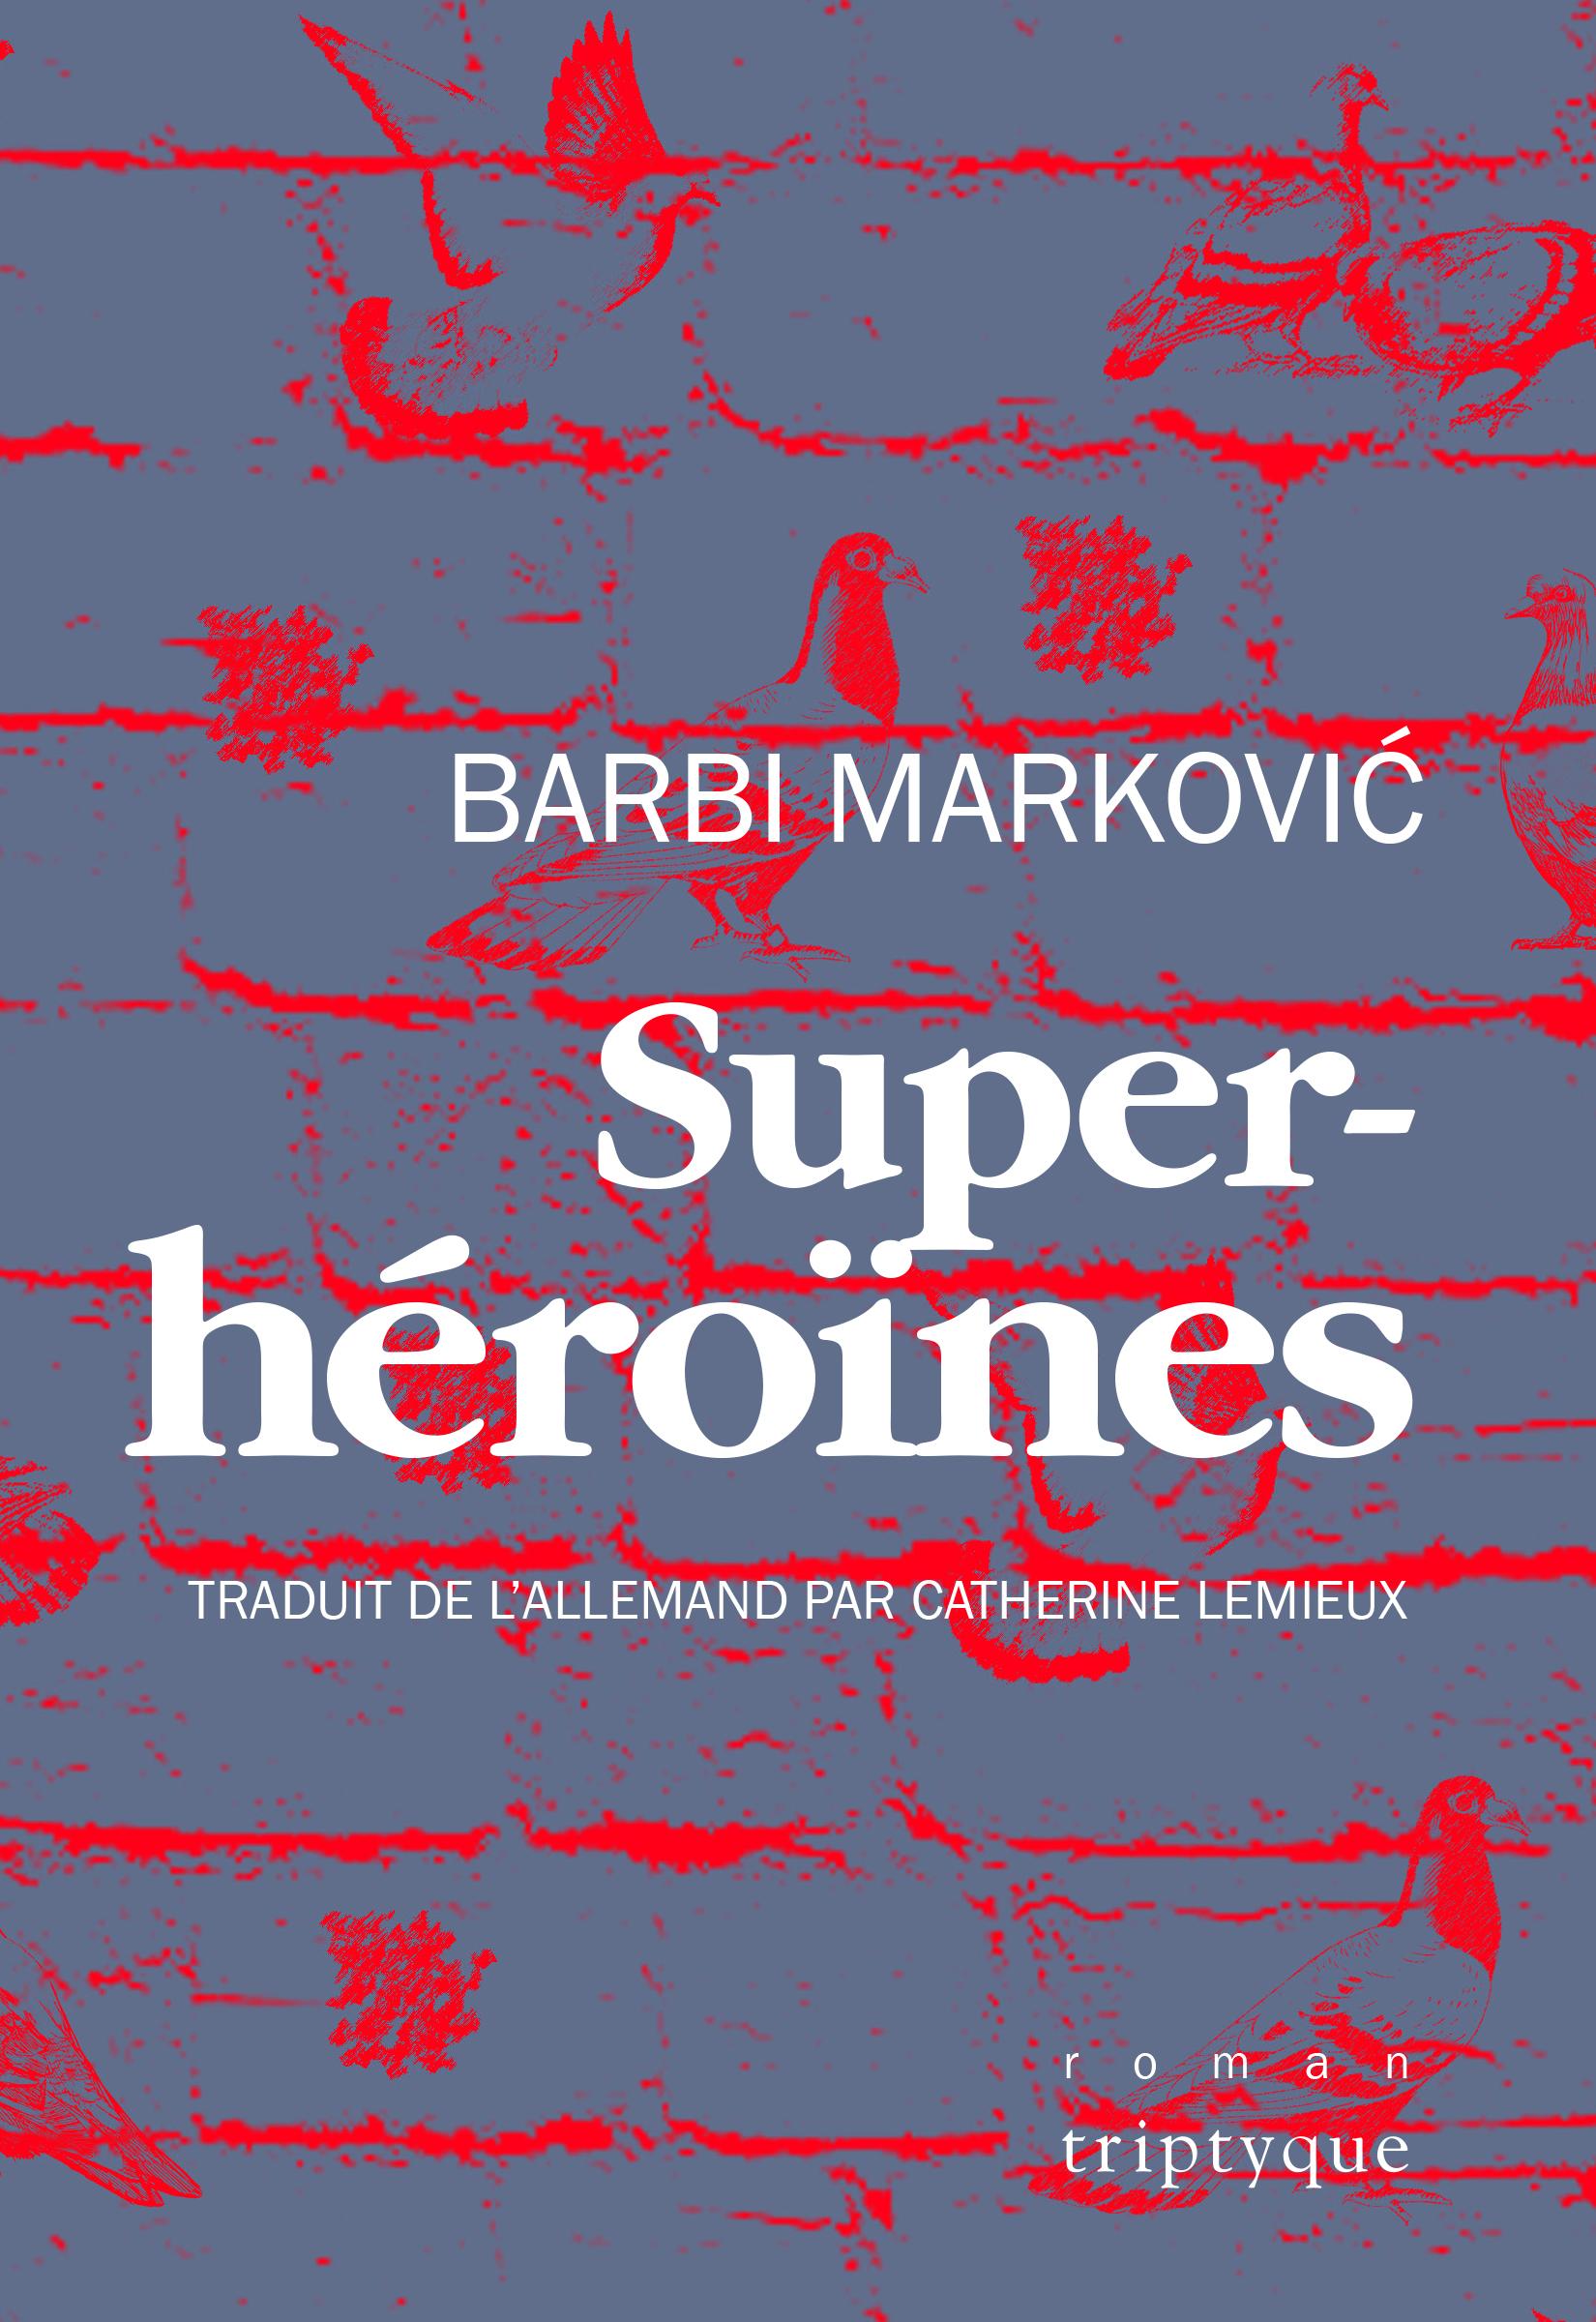 Couverture de Superhéroïnes de Barbi Marković : un mur de briques